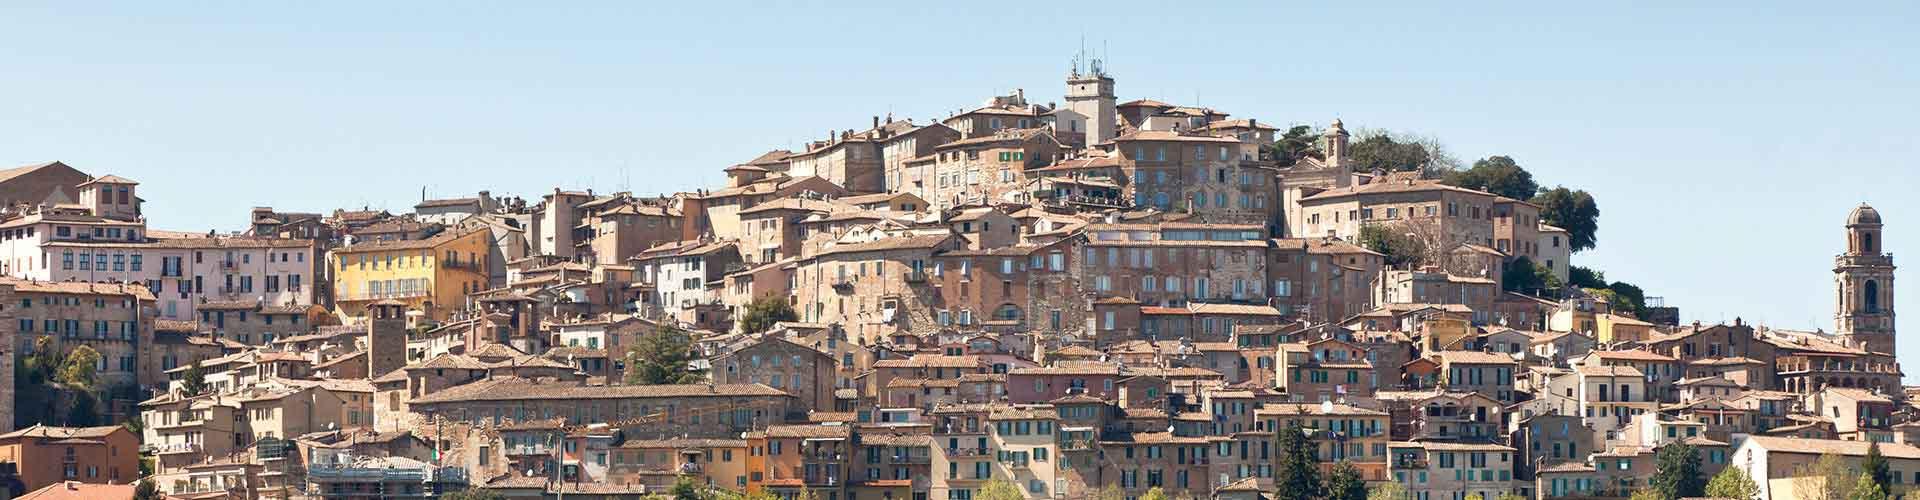 Perugia - Campamentos en Perugia. Mapas de Perugia, Fotos y comentarios de cada Campamento en Perugia.